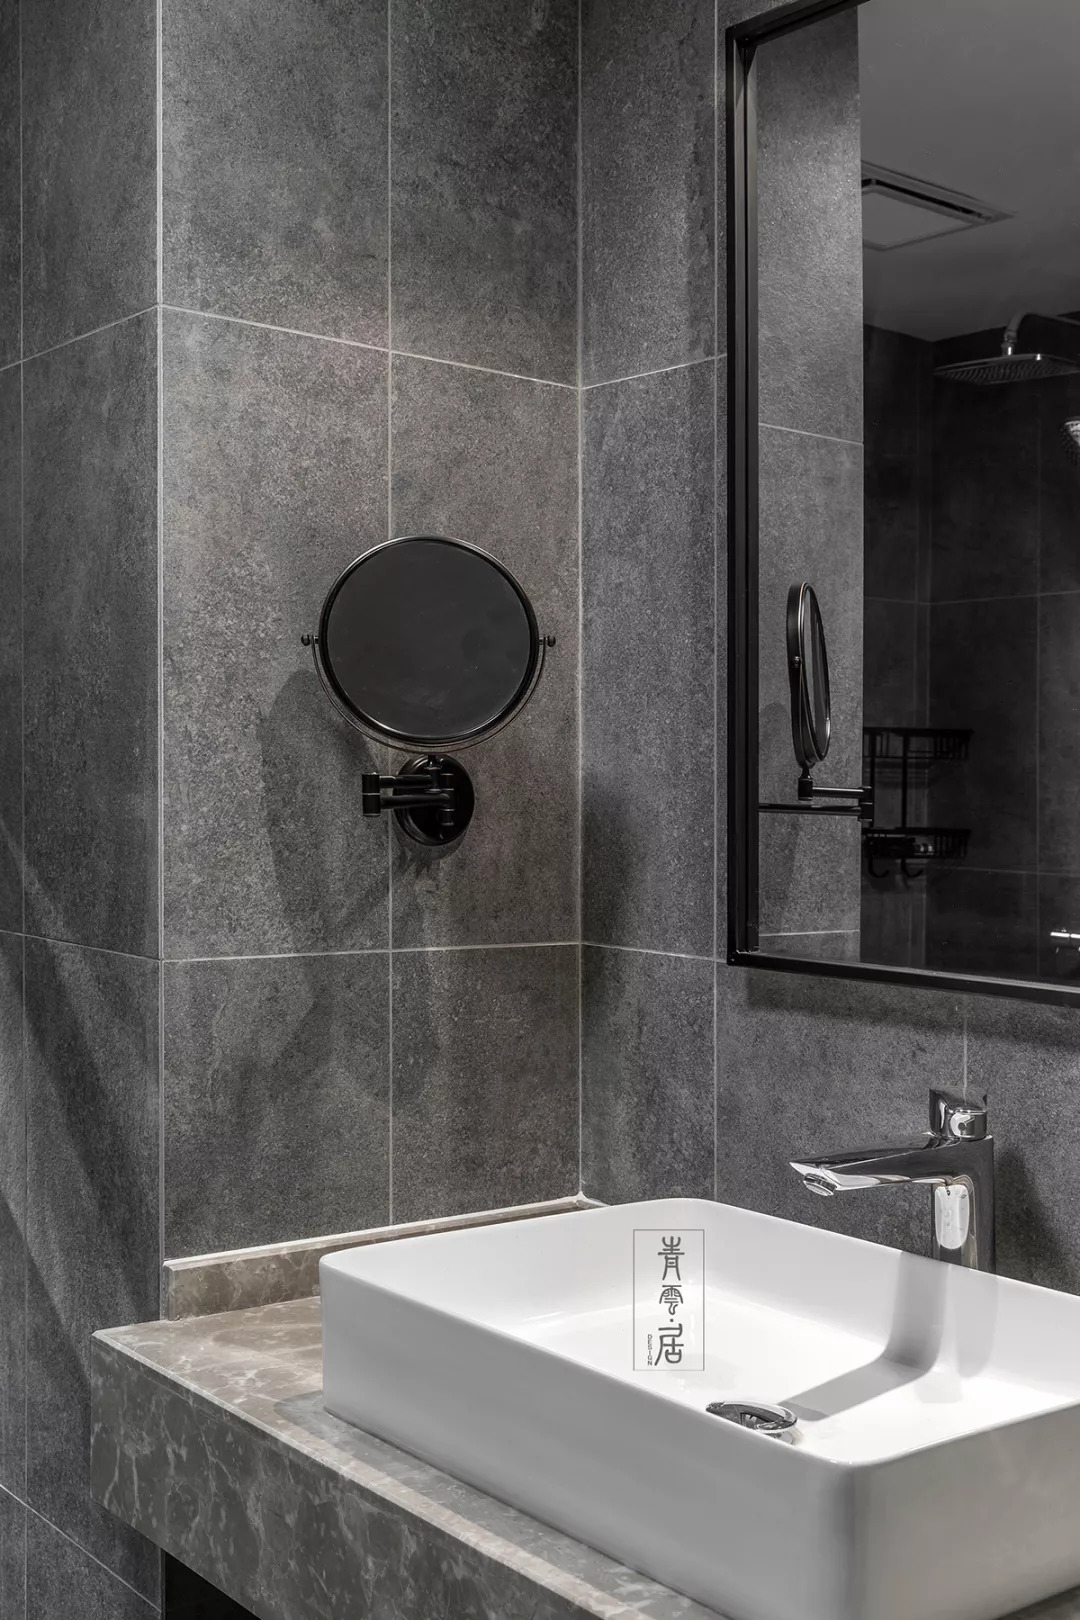 厕所 家居 设计 卫生间 卫生间装修 装修 1080_1620 竖版 竖屏